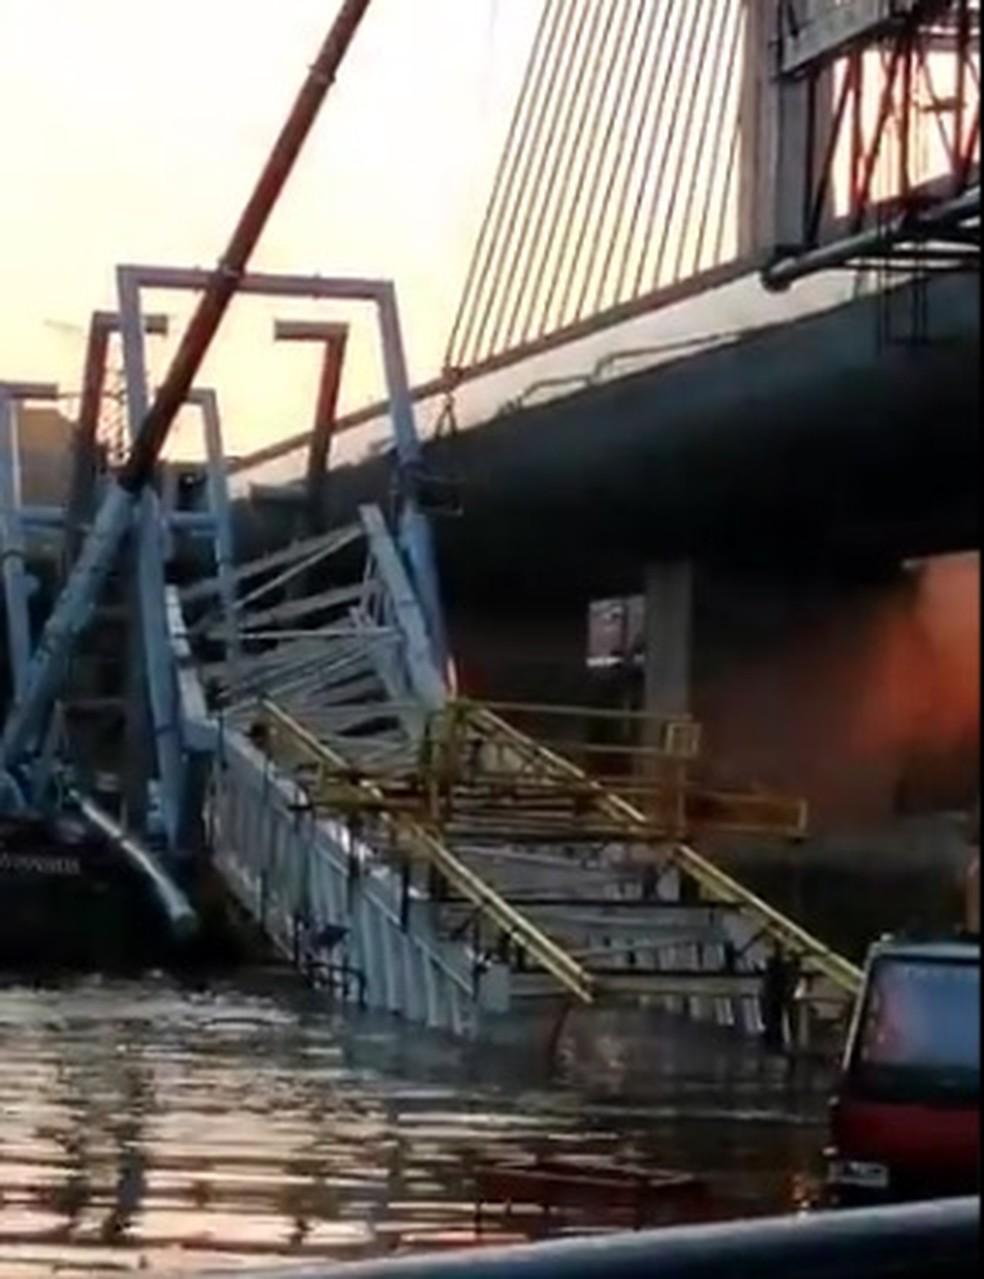 Ponte metálica que caiu dentro do Rio Pinheiros nesta terça-feira (17), na altura da estação Santo Amaro da Linha5-Lilás, do Metrô.   — Foto: Reprodução/Twitter